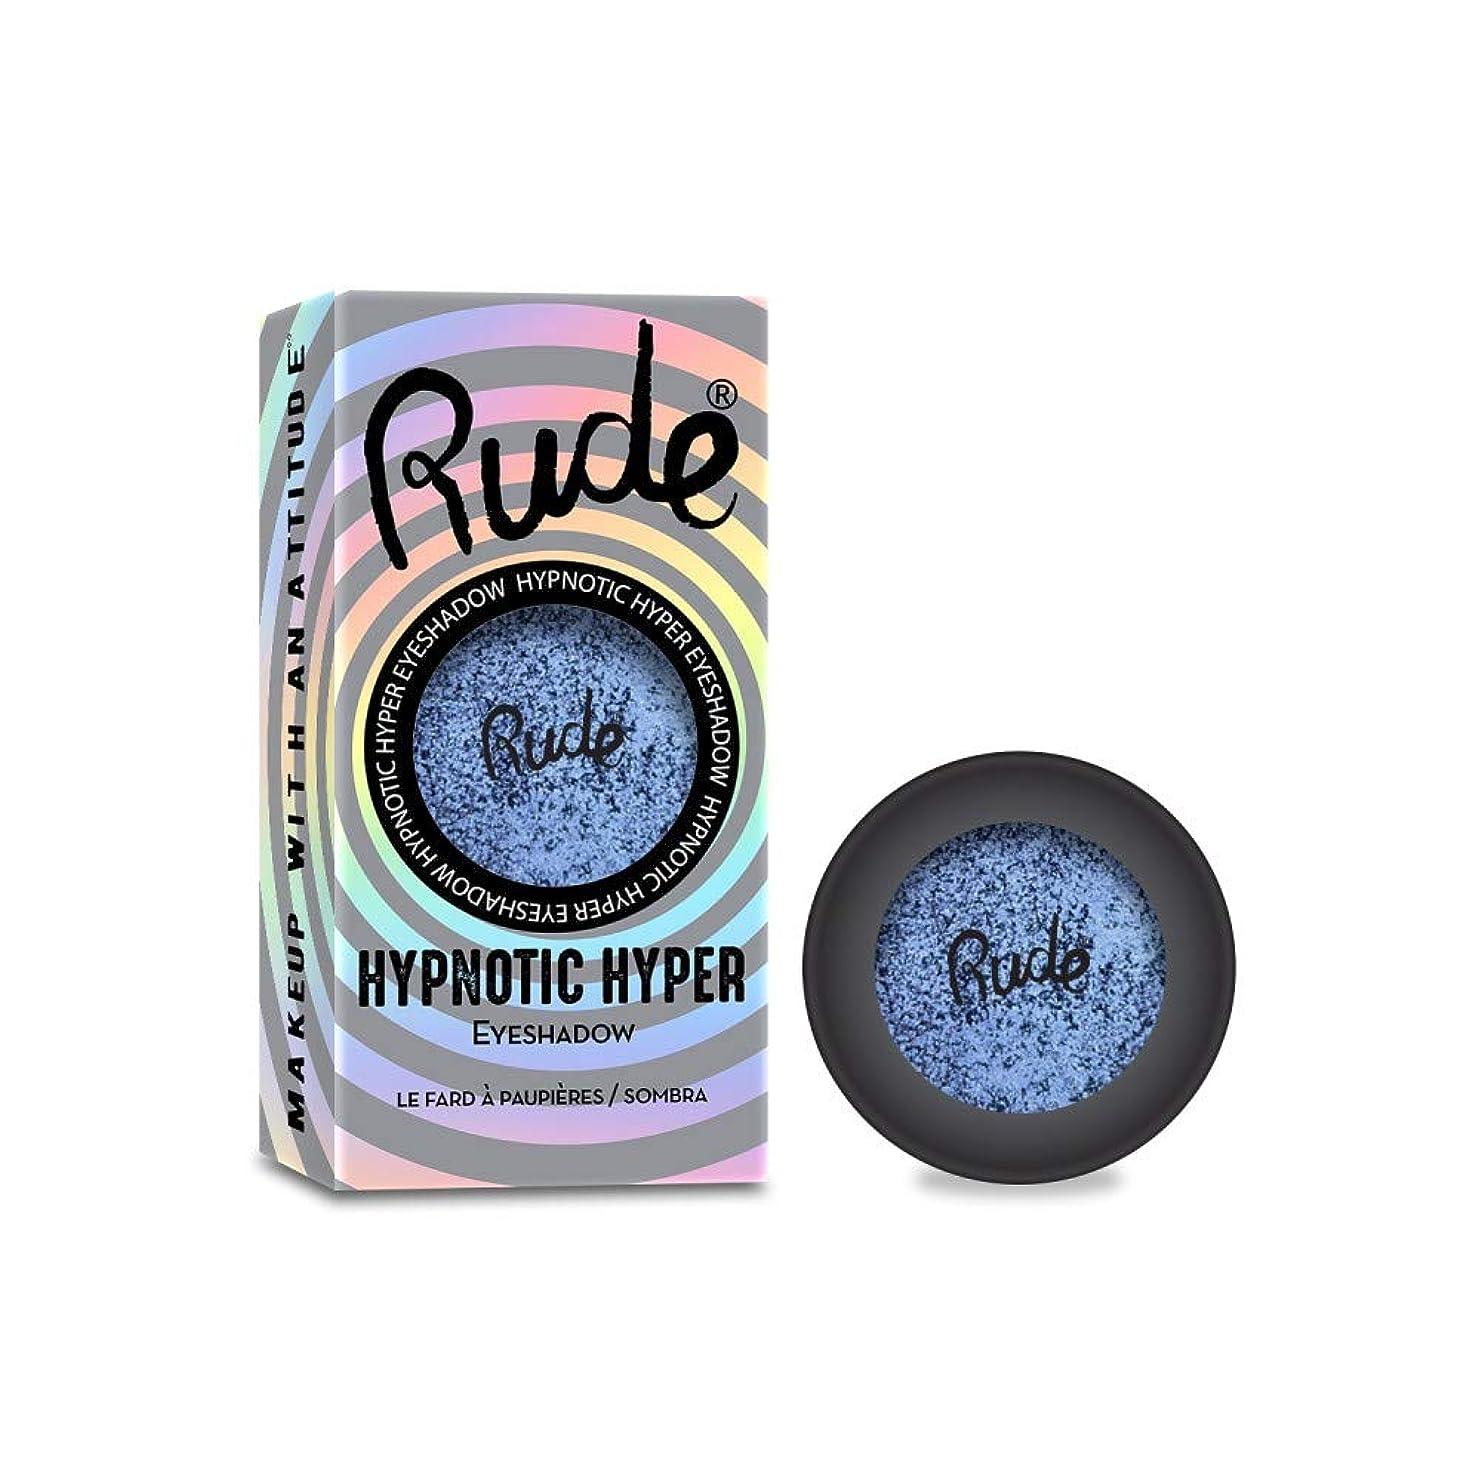 断線平和的比率RUDE Hypnotic Hyper Duo Chrome Eyeshadow - Psychosomatic (並行輸入品)